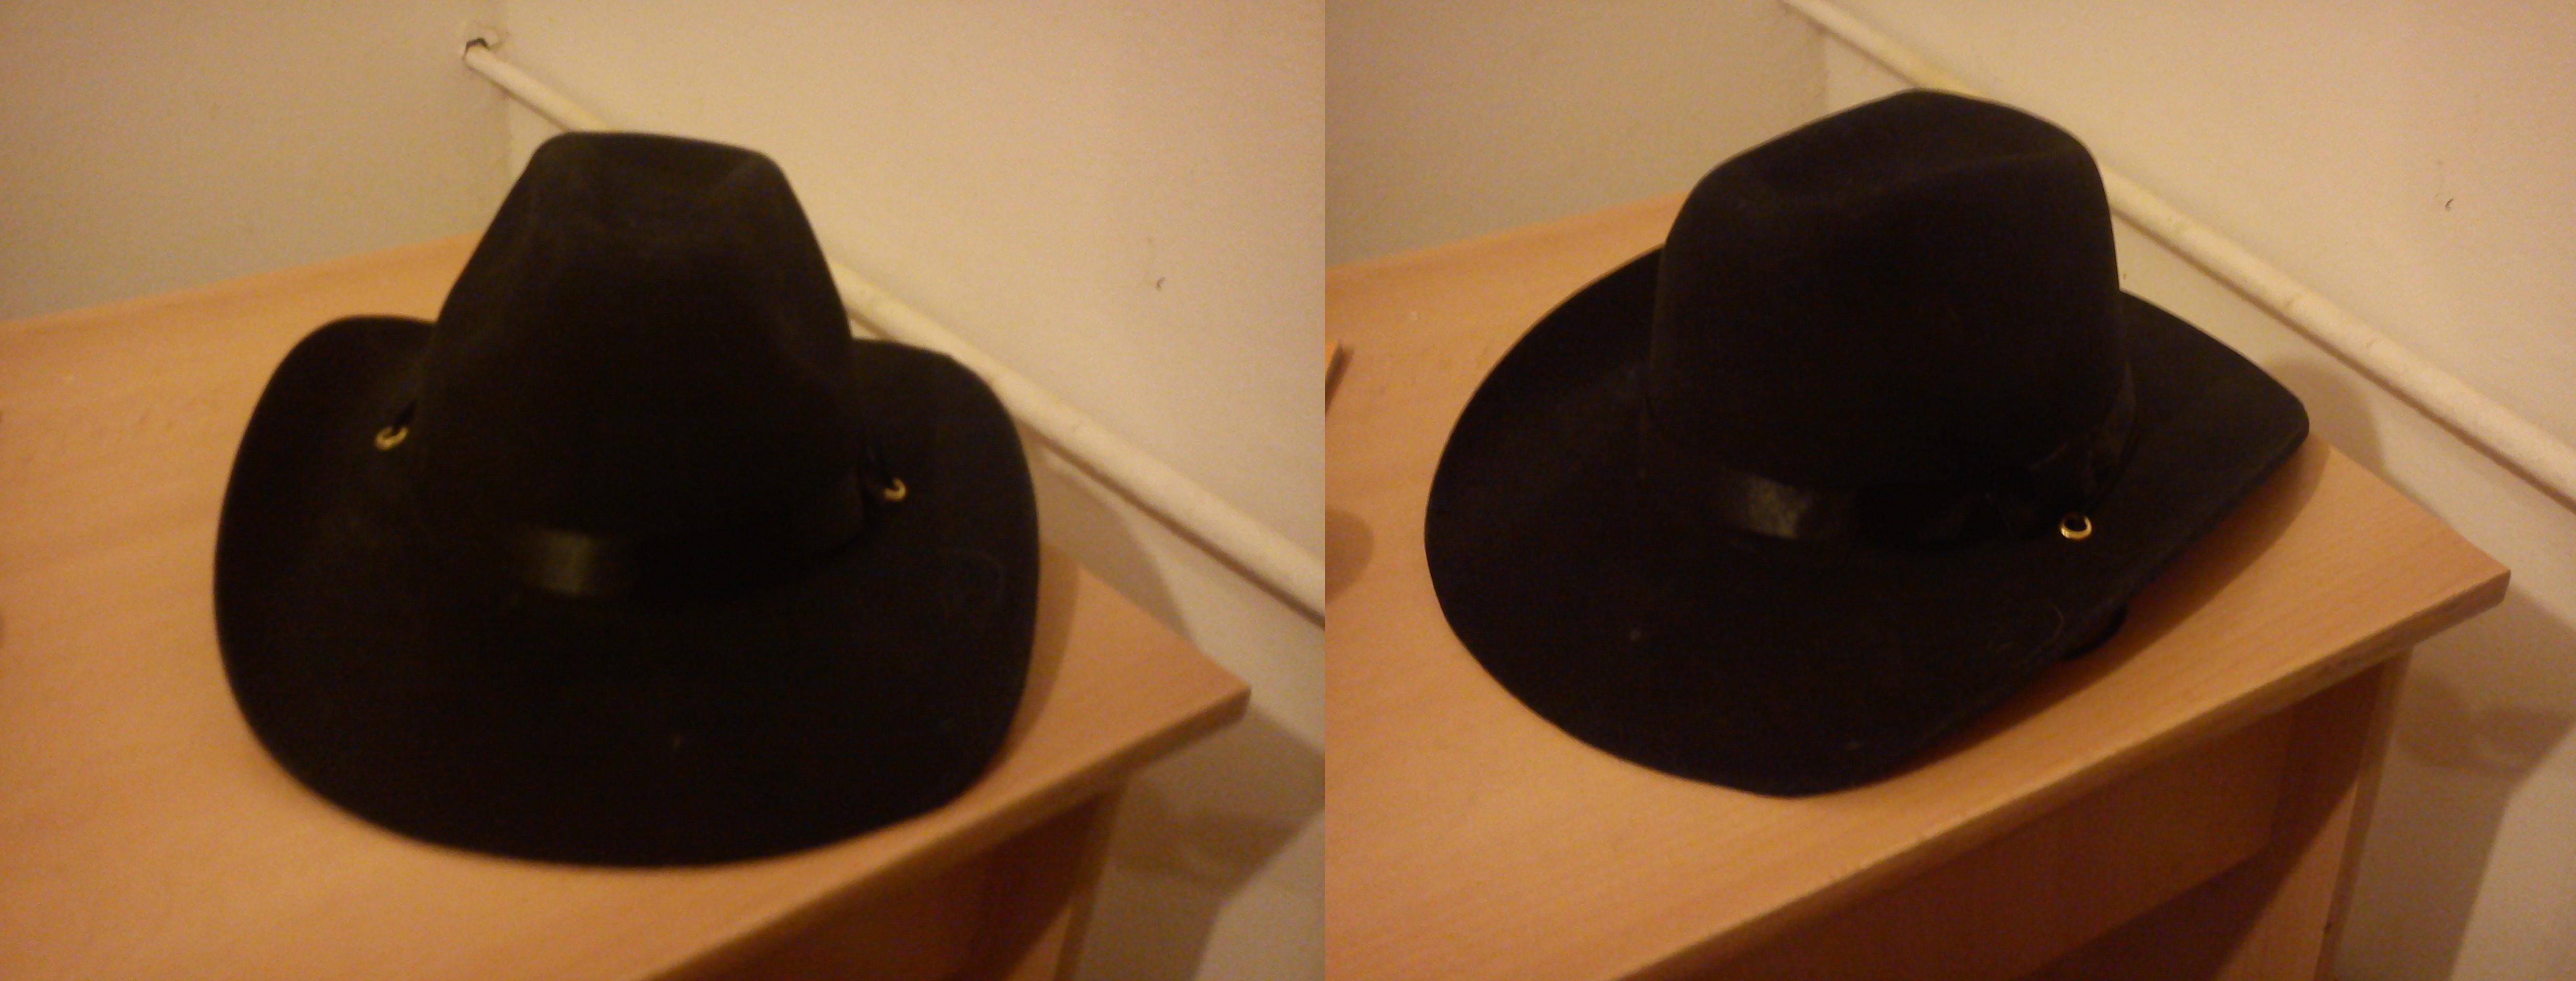 My cowboy hat — Weasyl 5aeac31090b